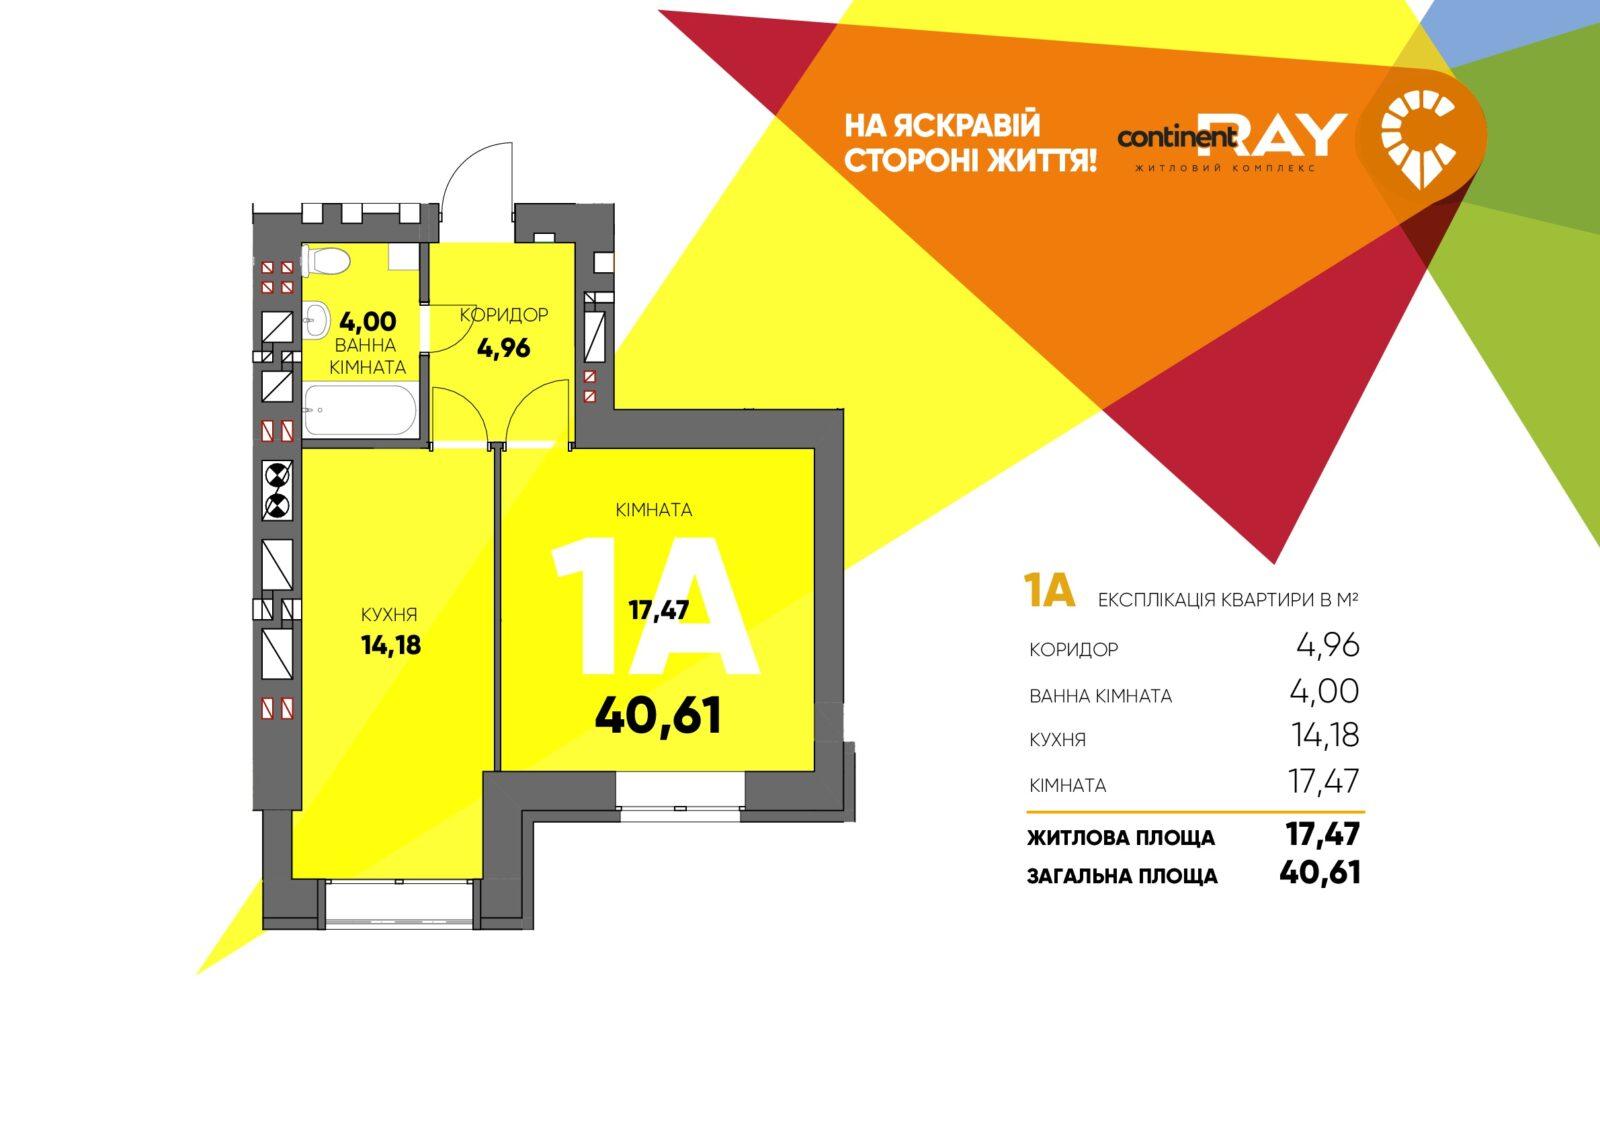 1-кімн. кв 1А 40.61 м²